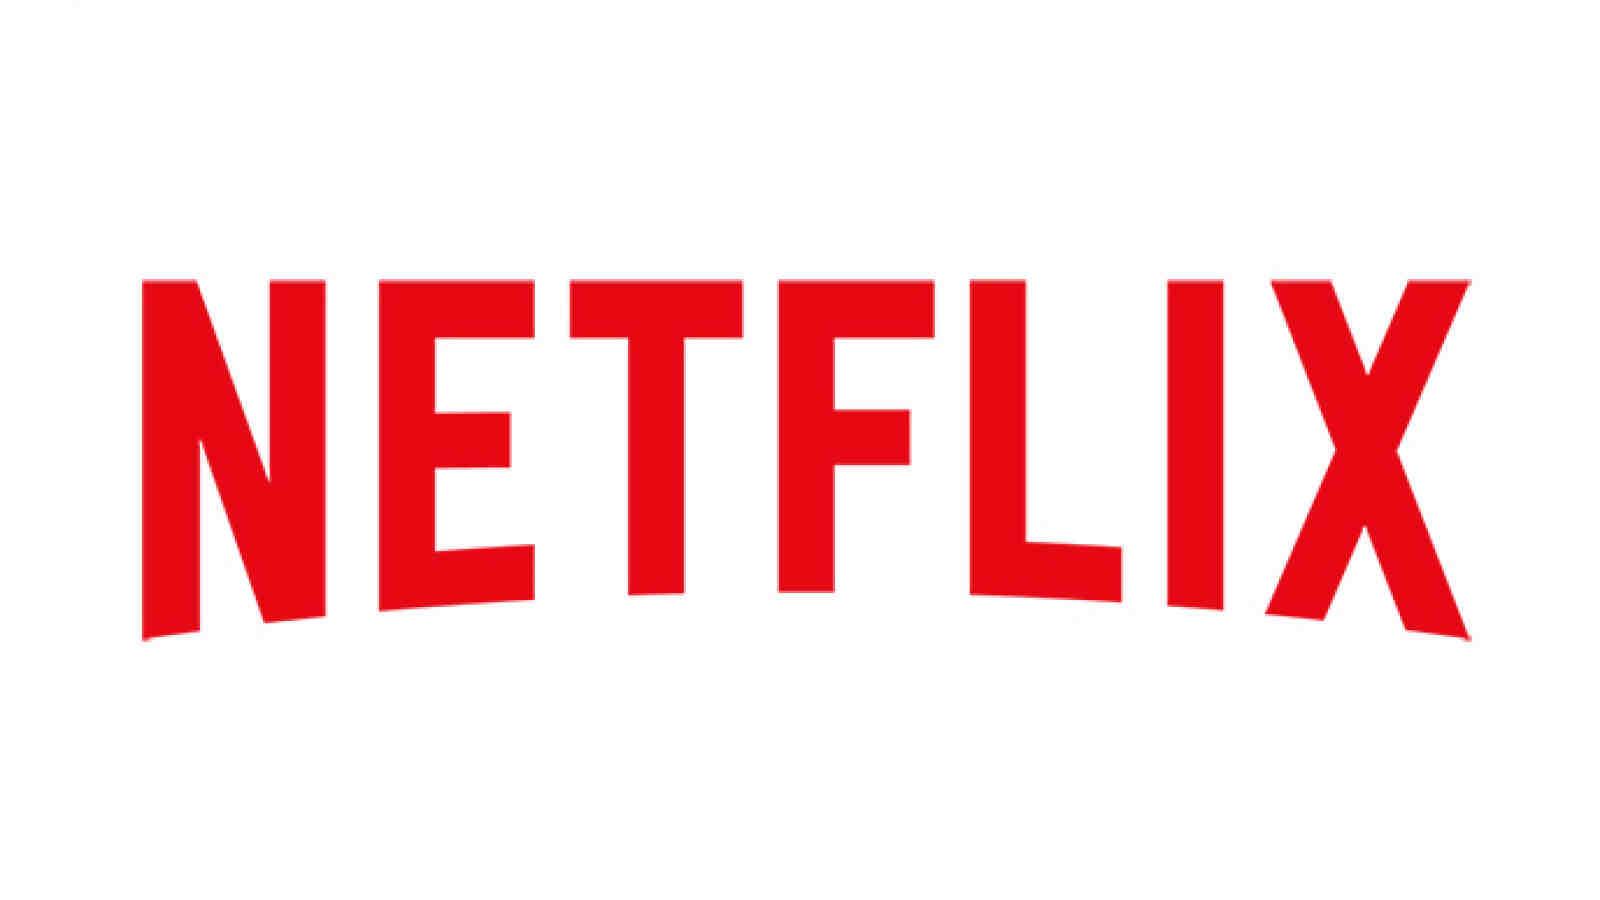 Wann wurde Netflix erfunden?